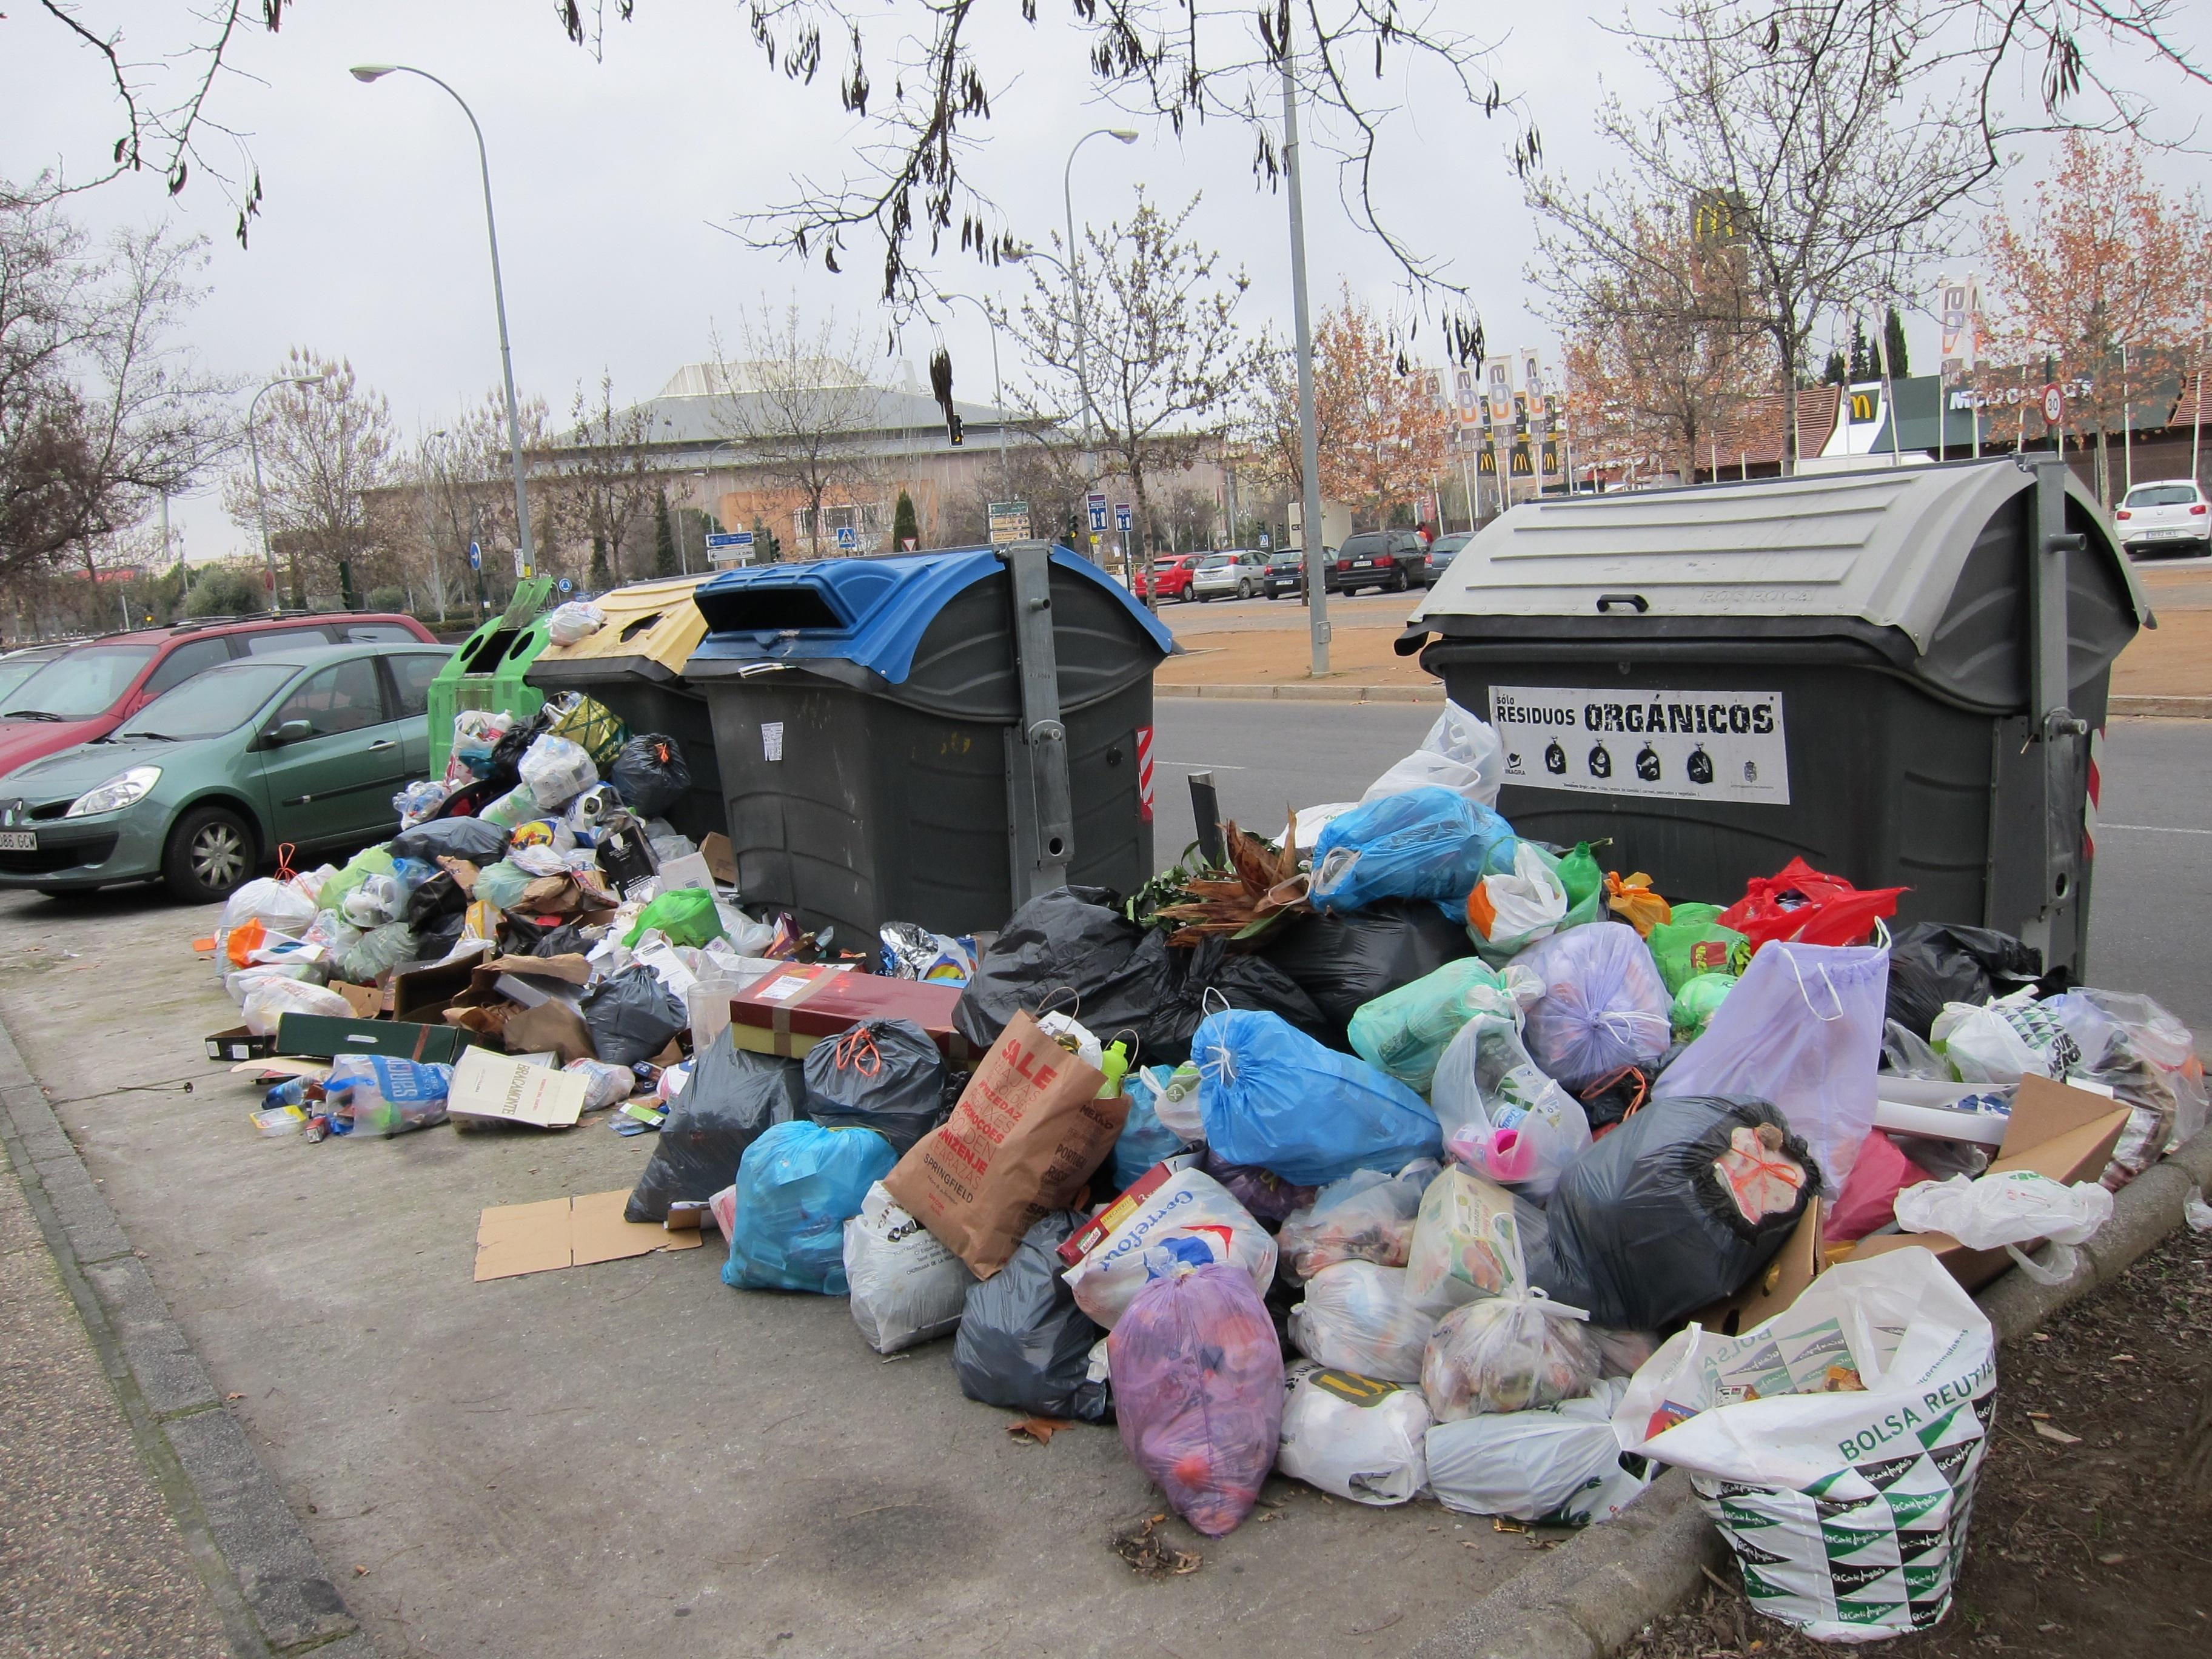 Veinte desempleados trabajarán en verano limpiando pintadas gracias al dinero ahorrado en la huelga de basuras